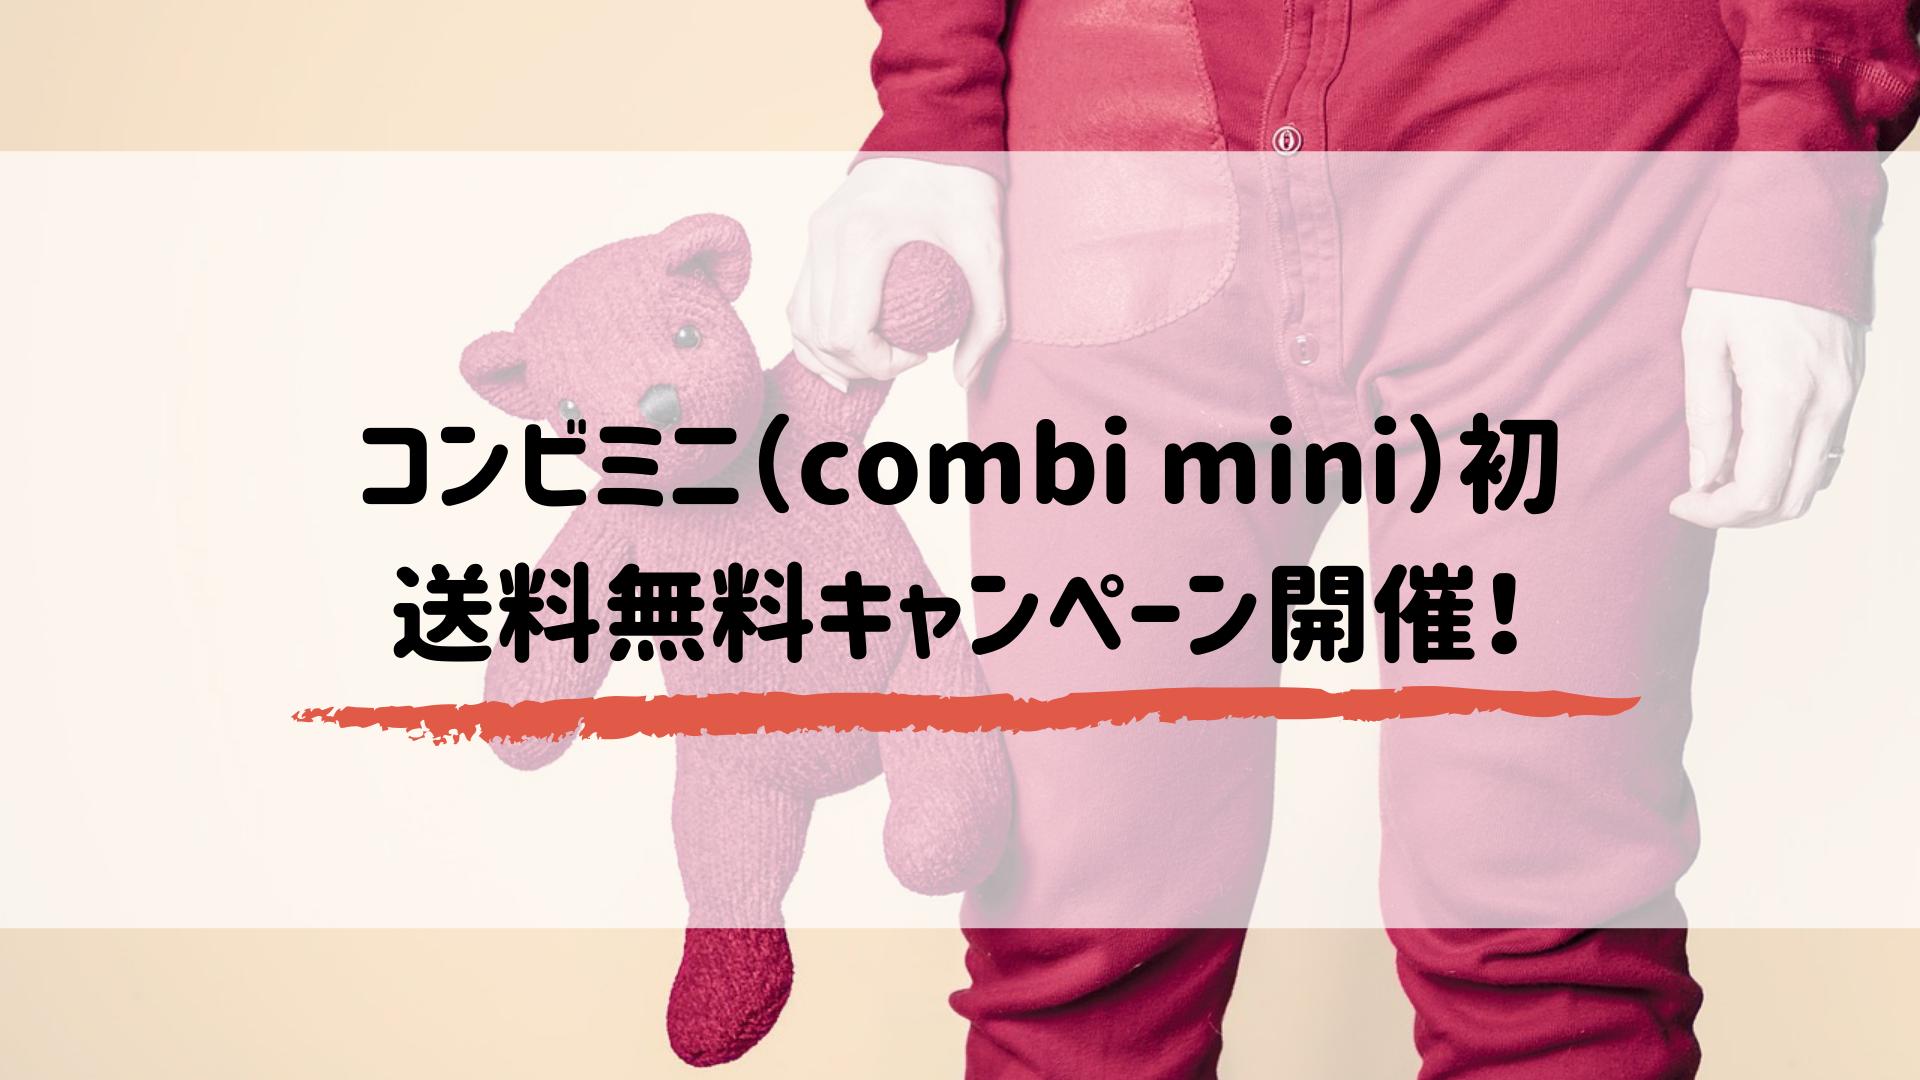 コンビミニ(combi mini)初 送料無料キャンペーン開催!